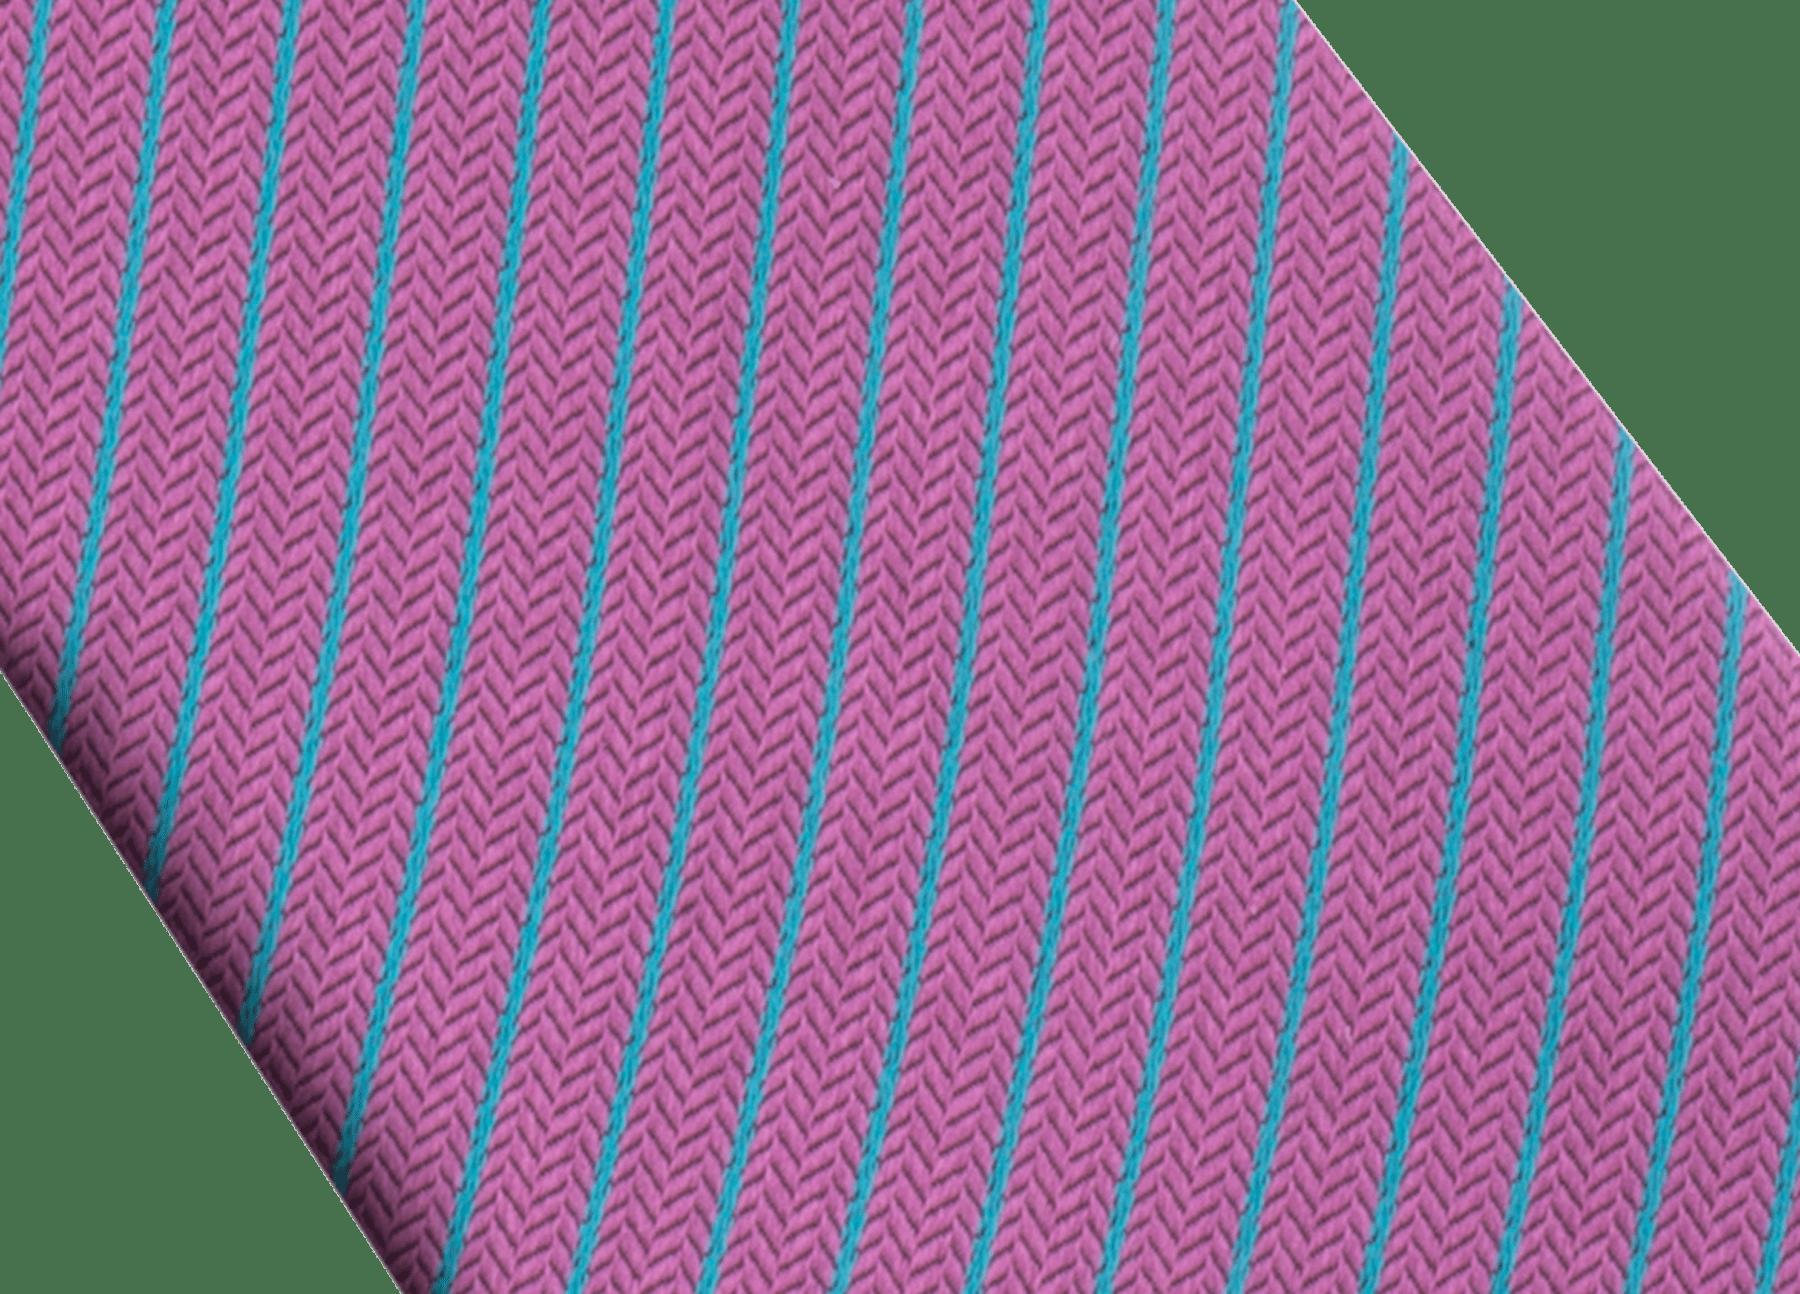 「Octo & Stripes」柄があしらわれたグレープアメジストのセブンフォールドタイ。上質なジャガードシルク製。 244207 image 2